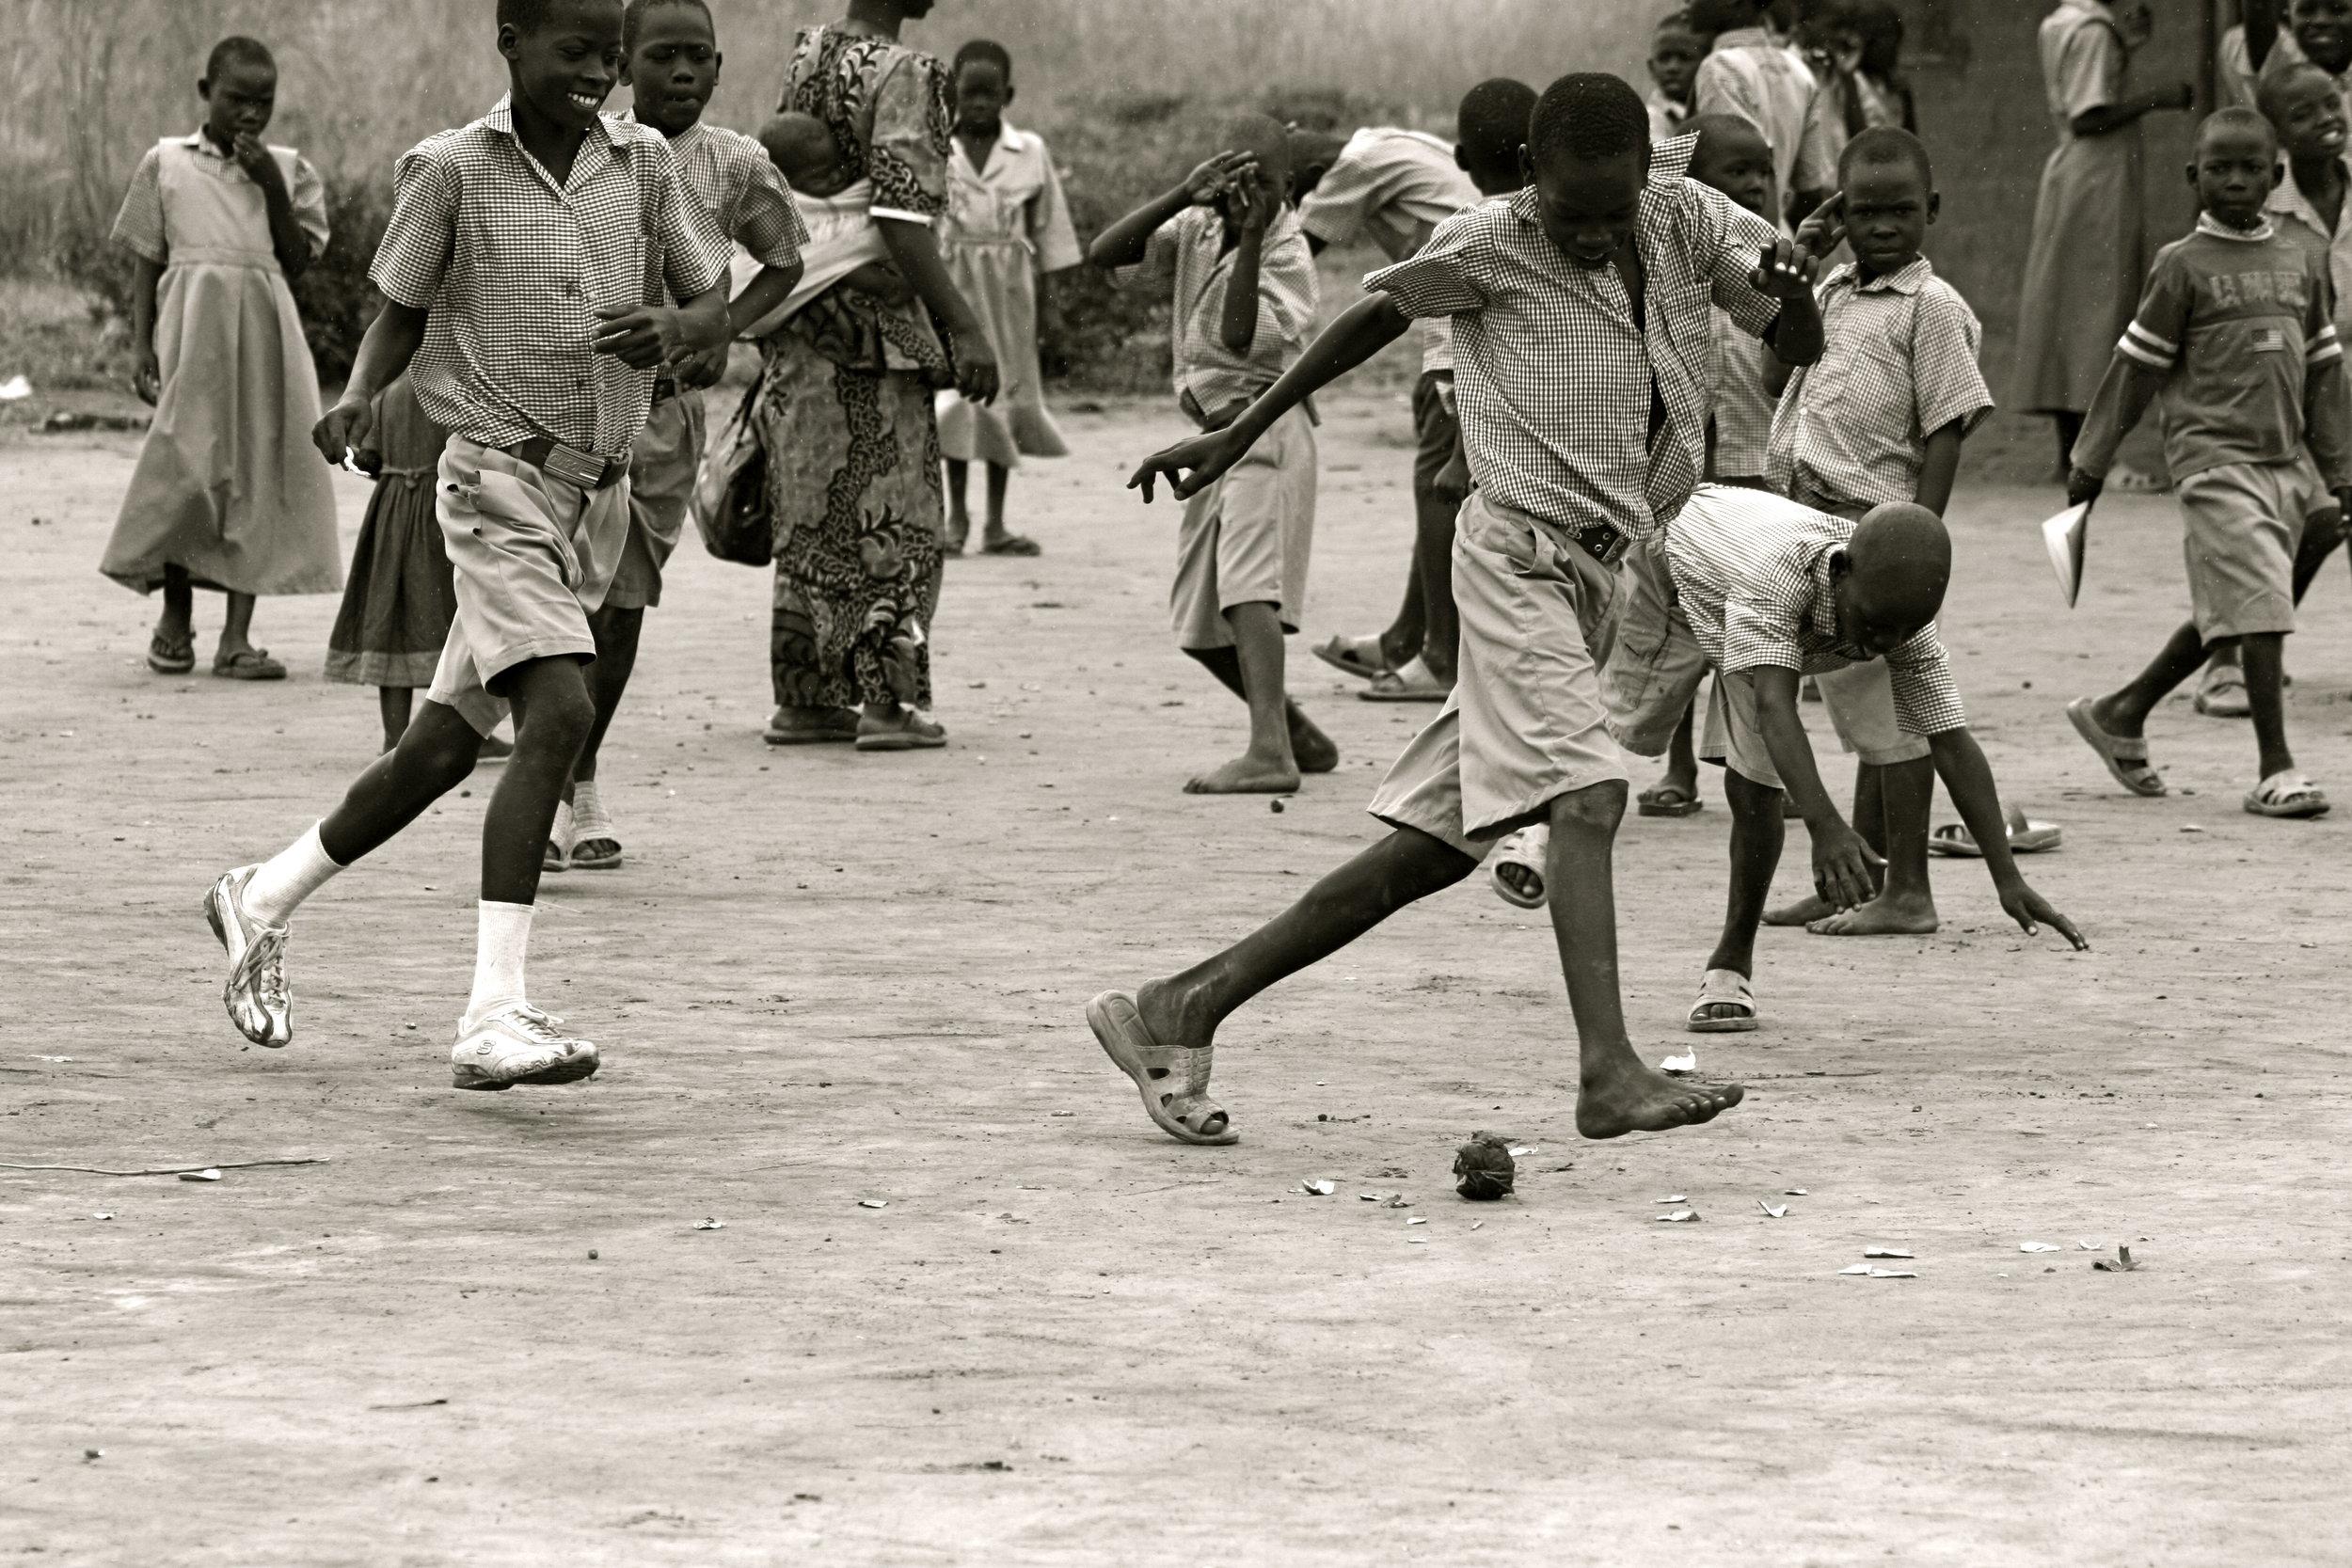 PhotoBy100camerasStaff_(1)_SouthSudan.JPG